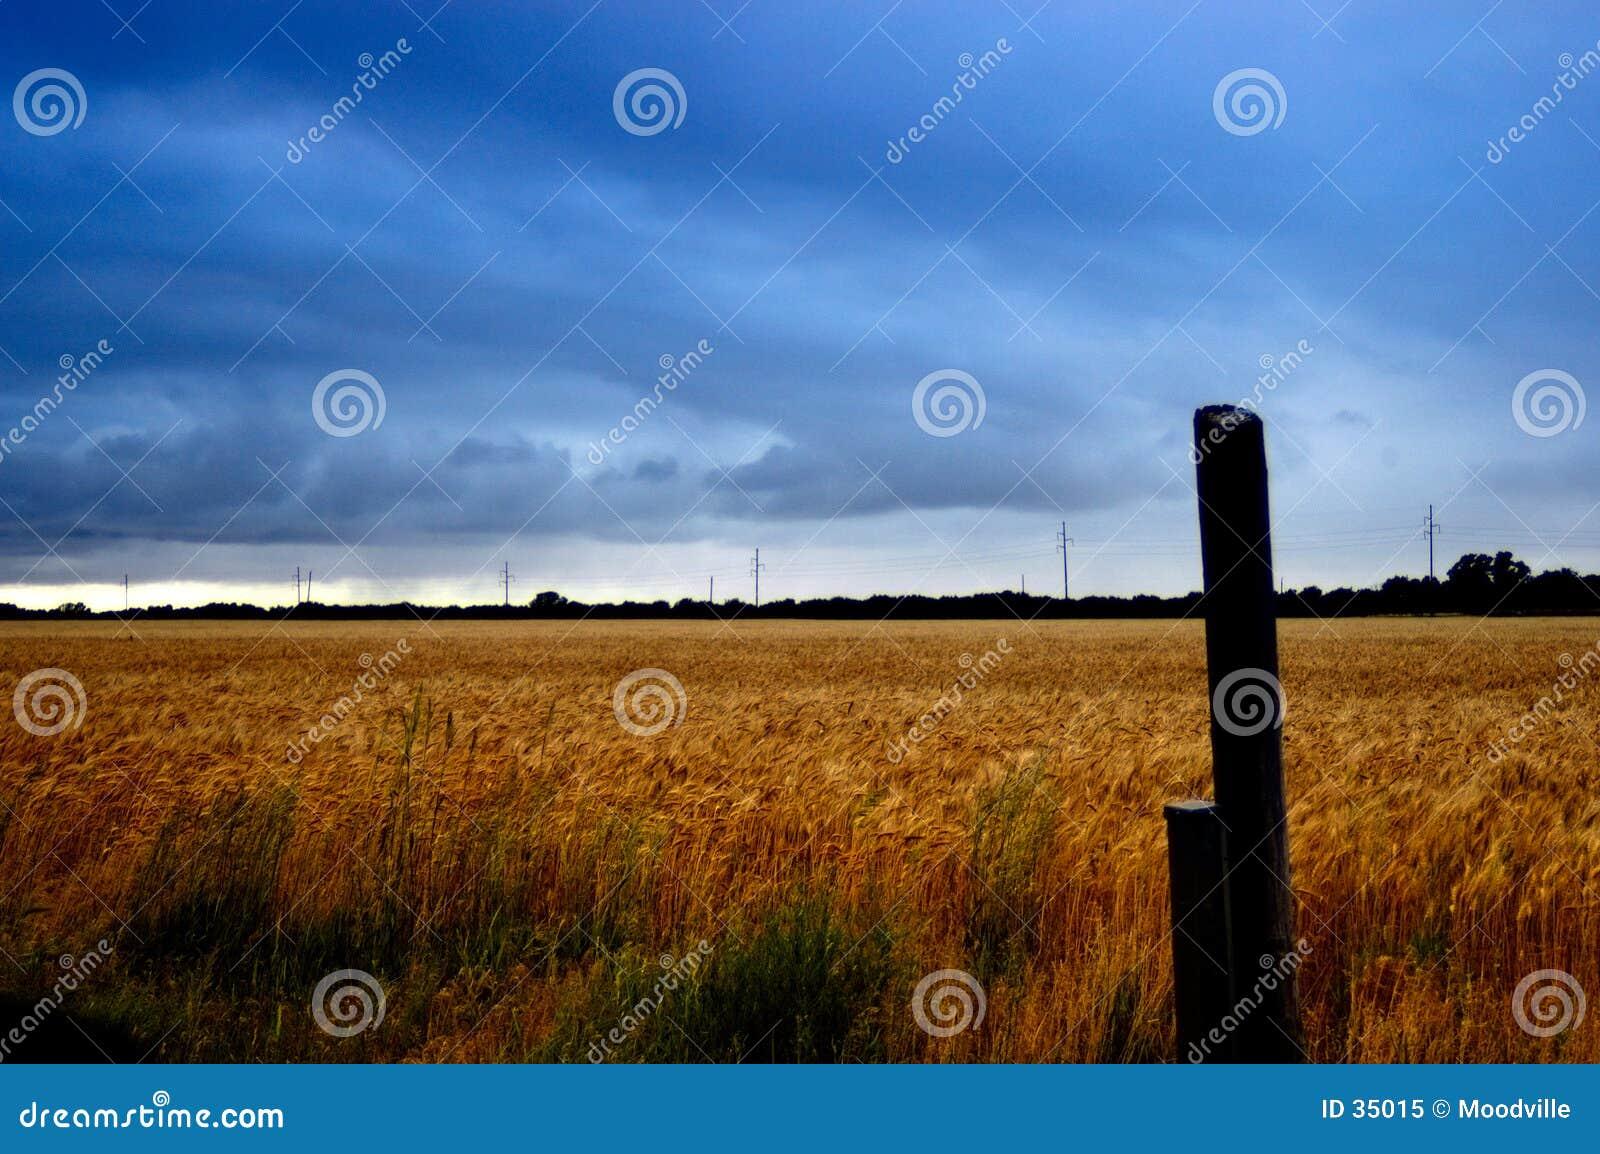 Download Campo de trigo tempestuoso imagen de archivo. Imagen de kansas - 35015